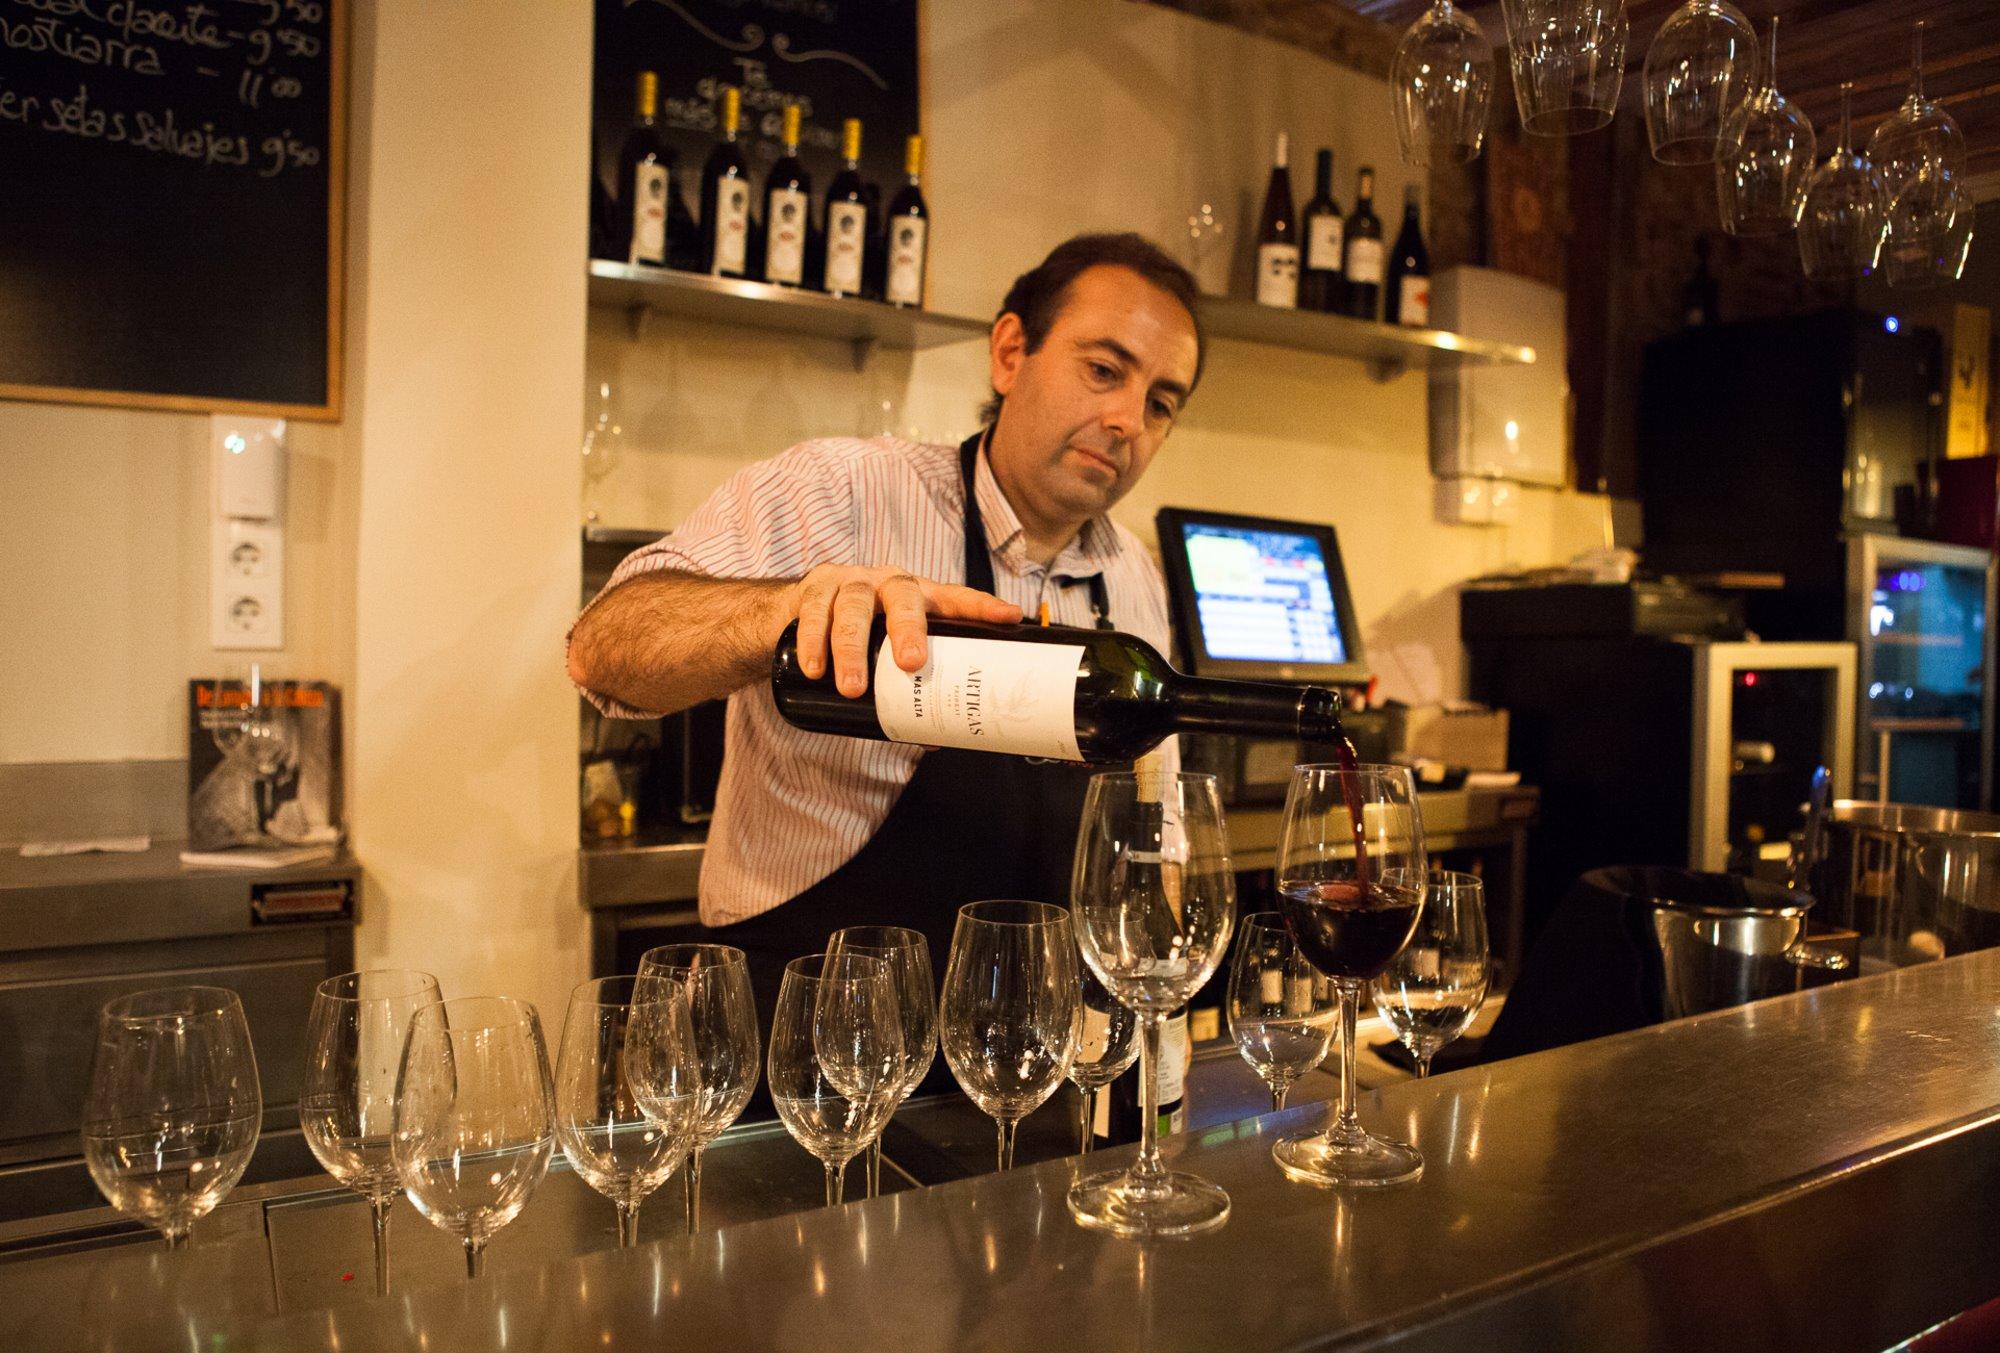 La carta de vinos aúna 60 referencias nacionales y extranjeras.